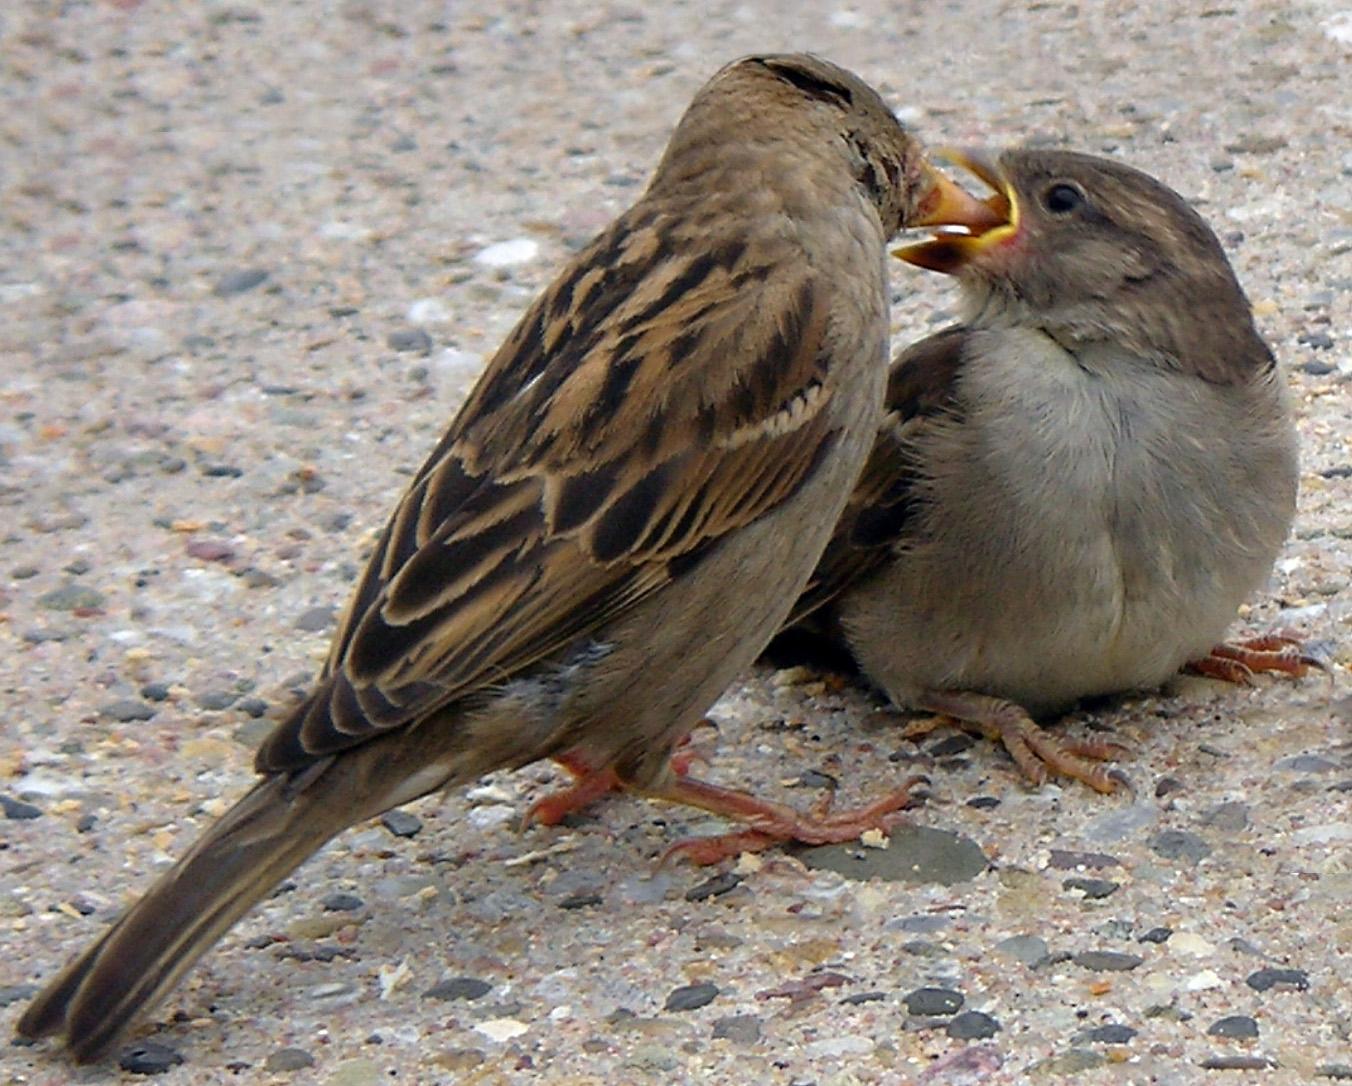 मनुष्य जाति की मित्र नजदीकी पक्षी गौरैया